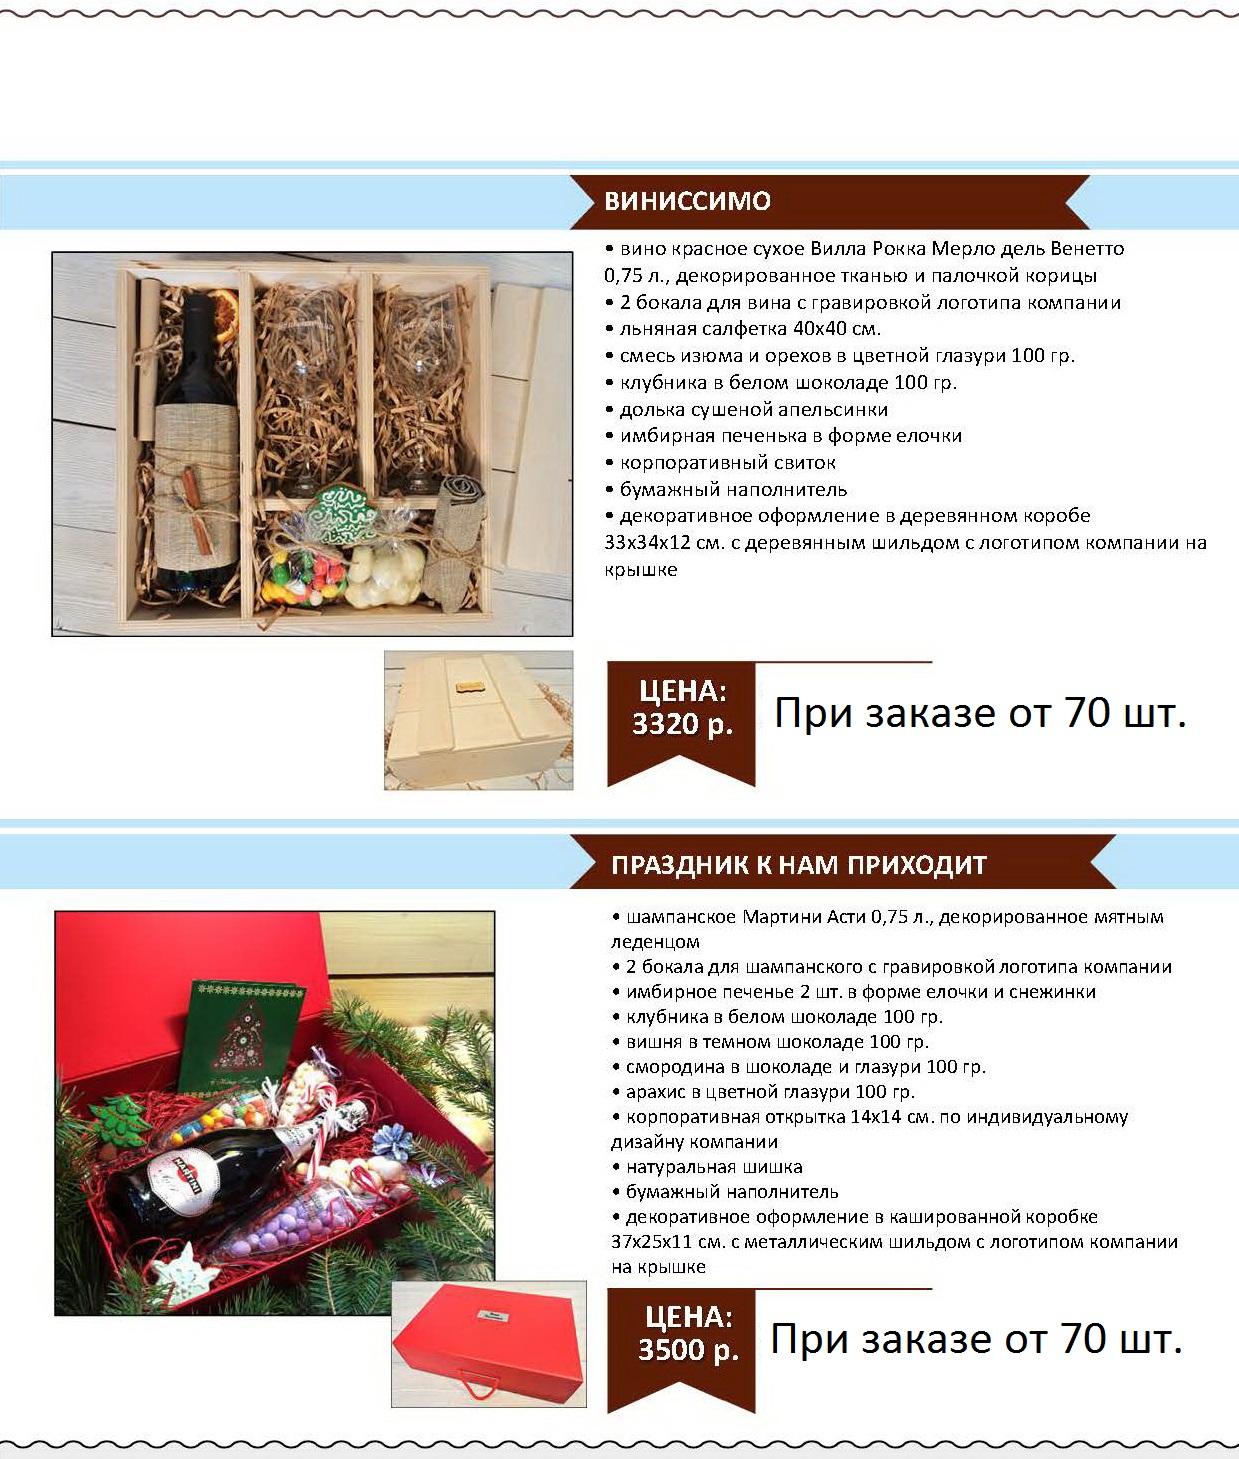 new_year_stranitsa_120